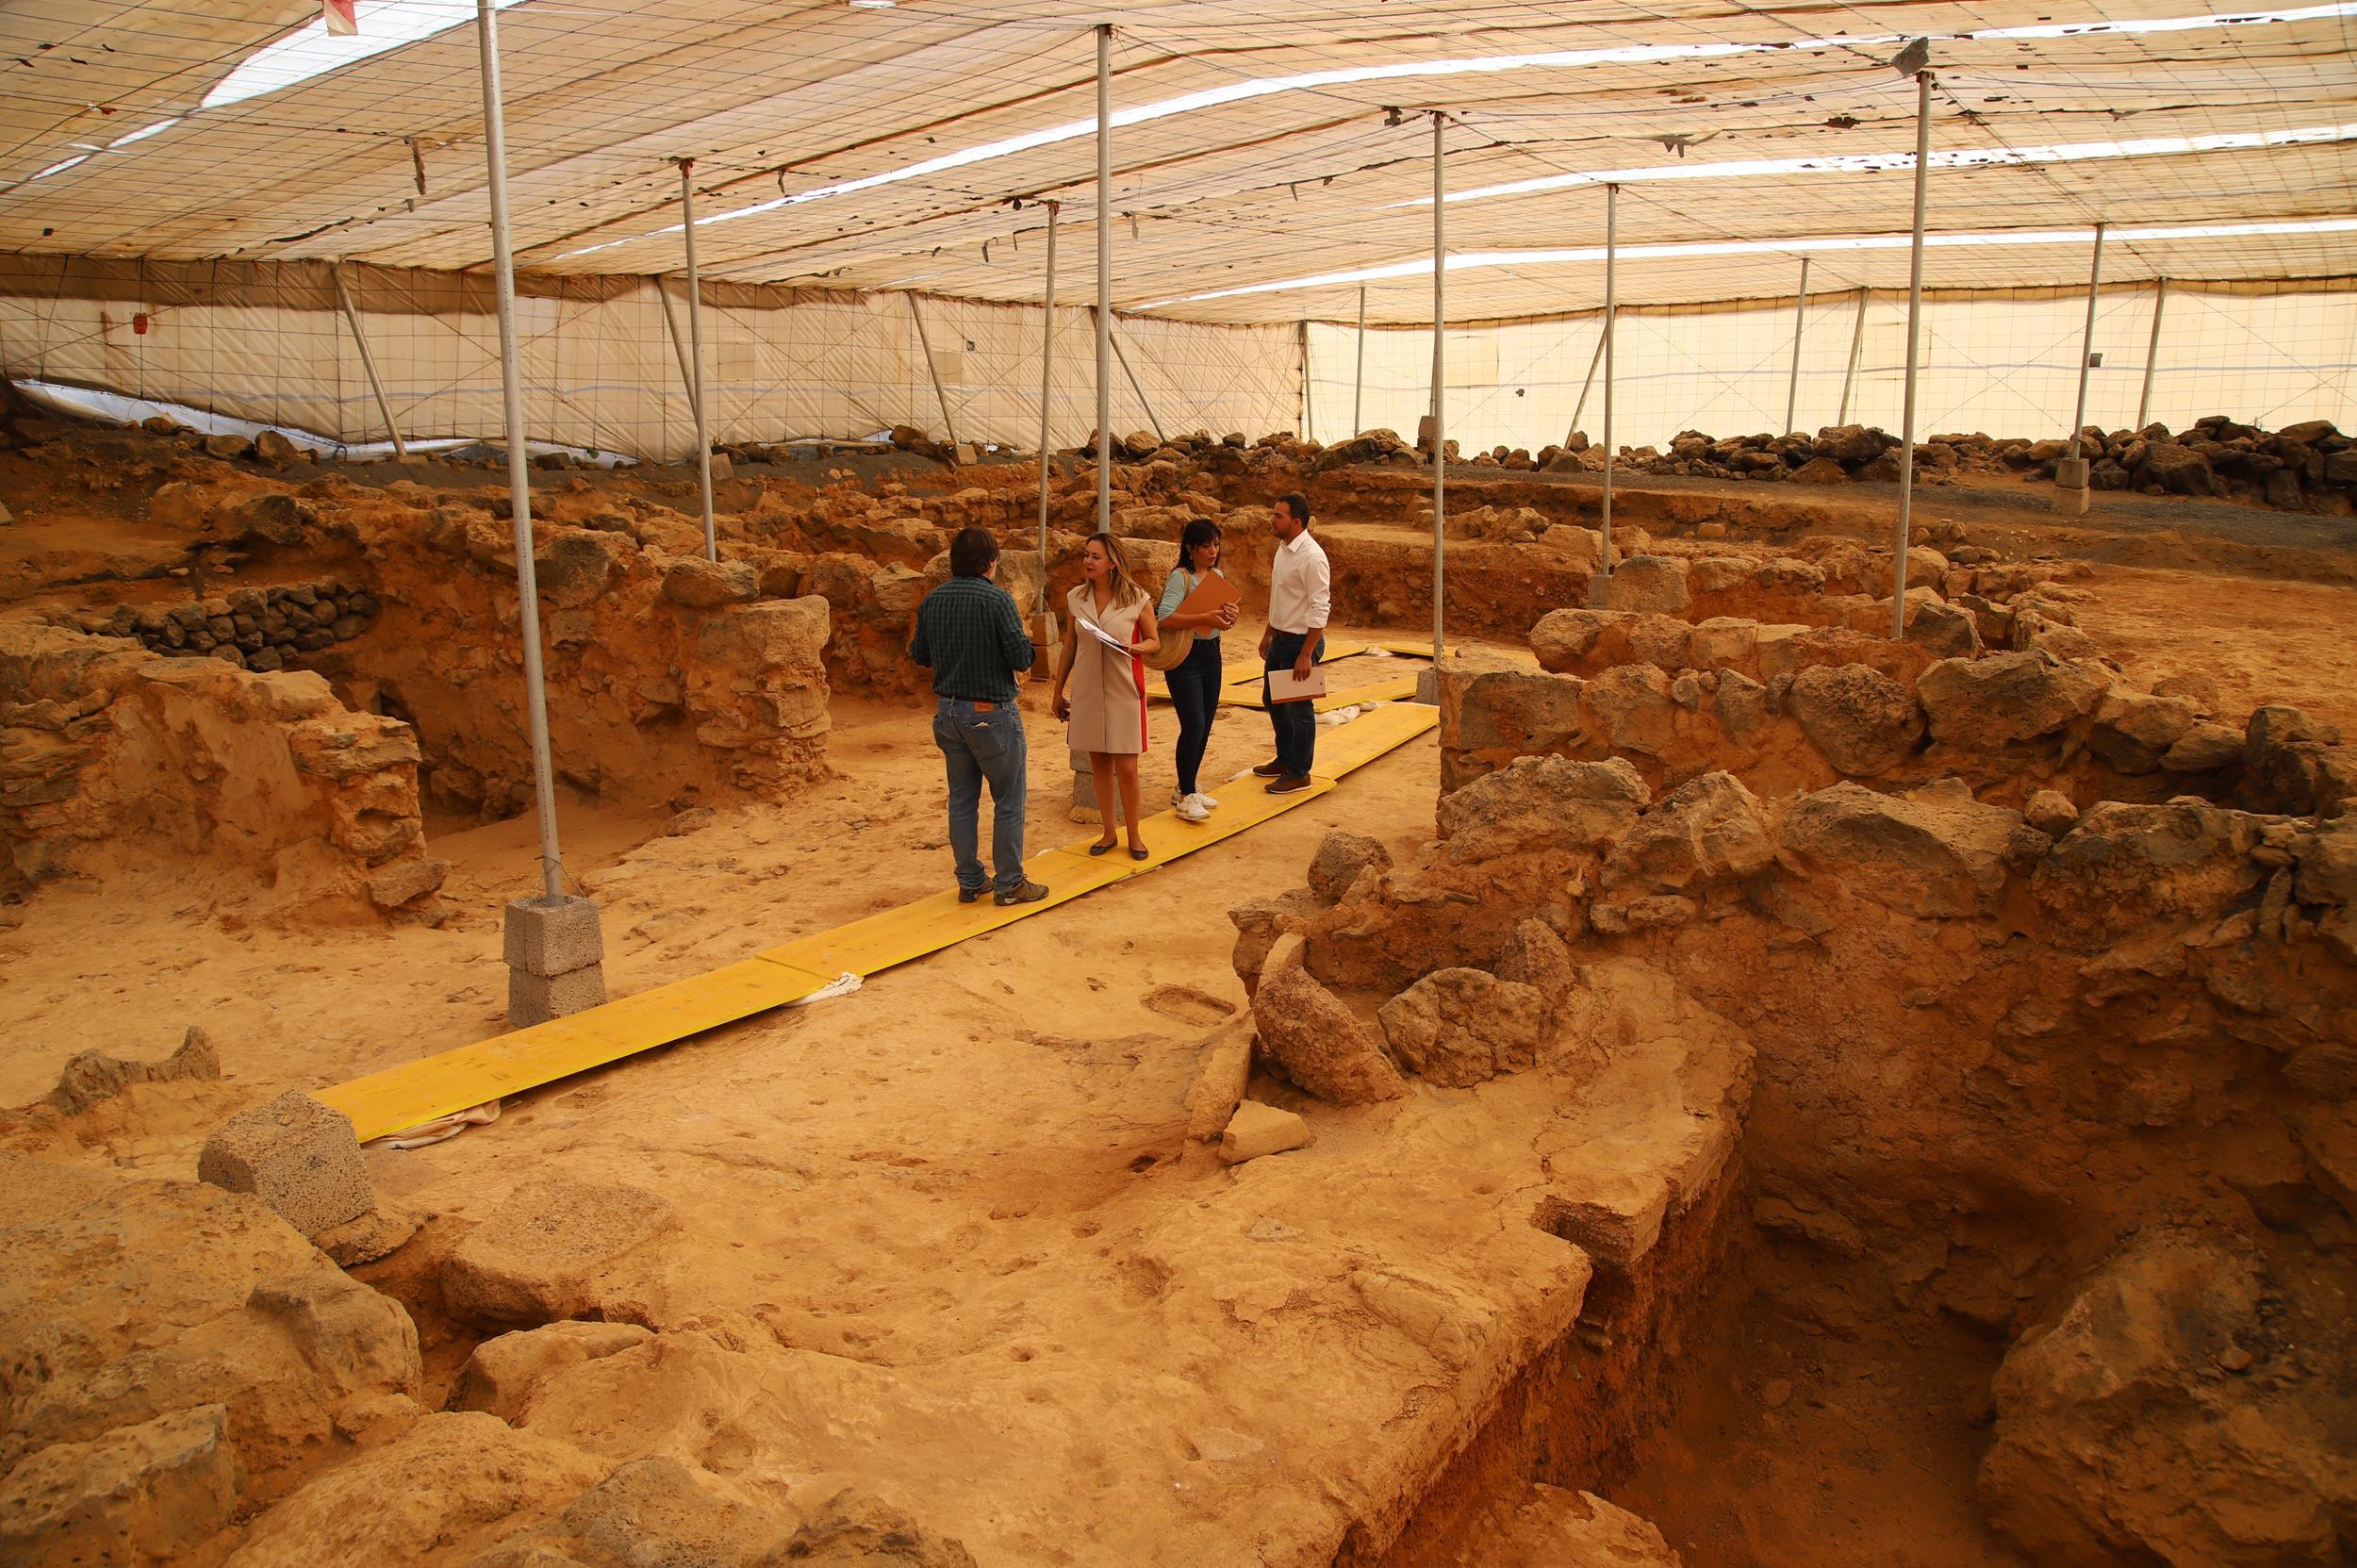 El Cabildo de Lanzarote quiere aumentar la frecuencia de las campañas de excavaciones arqueológicas en Fiquinineo y Zonzamas